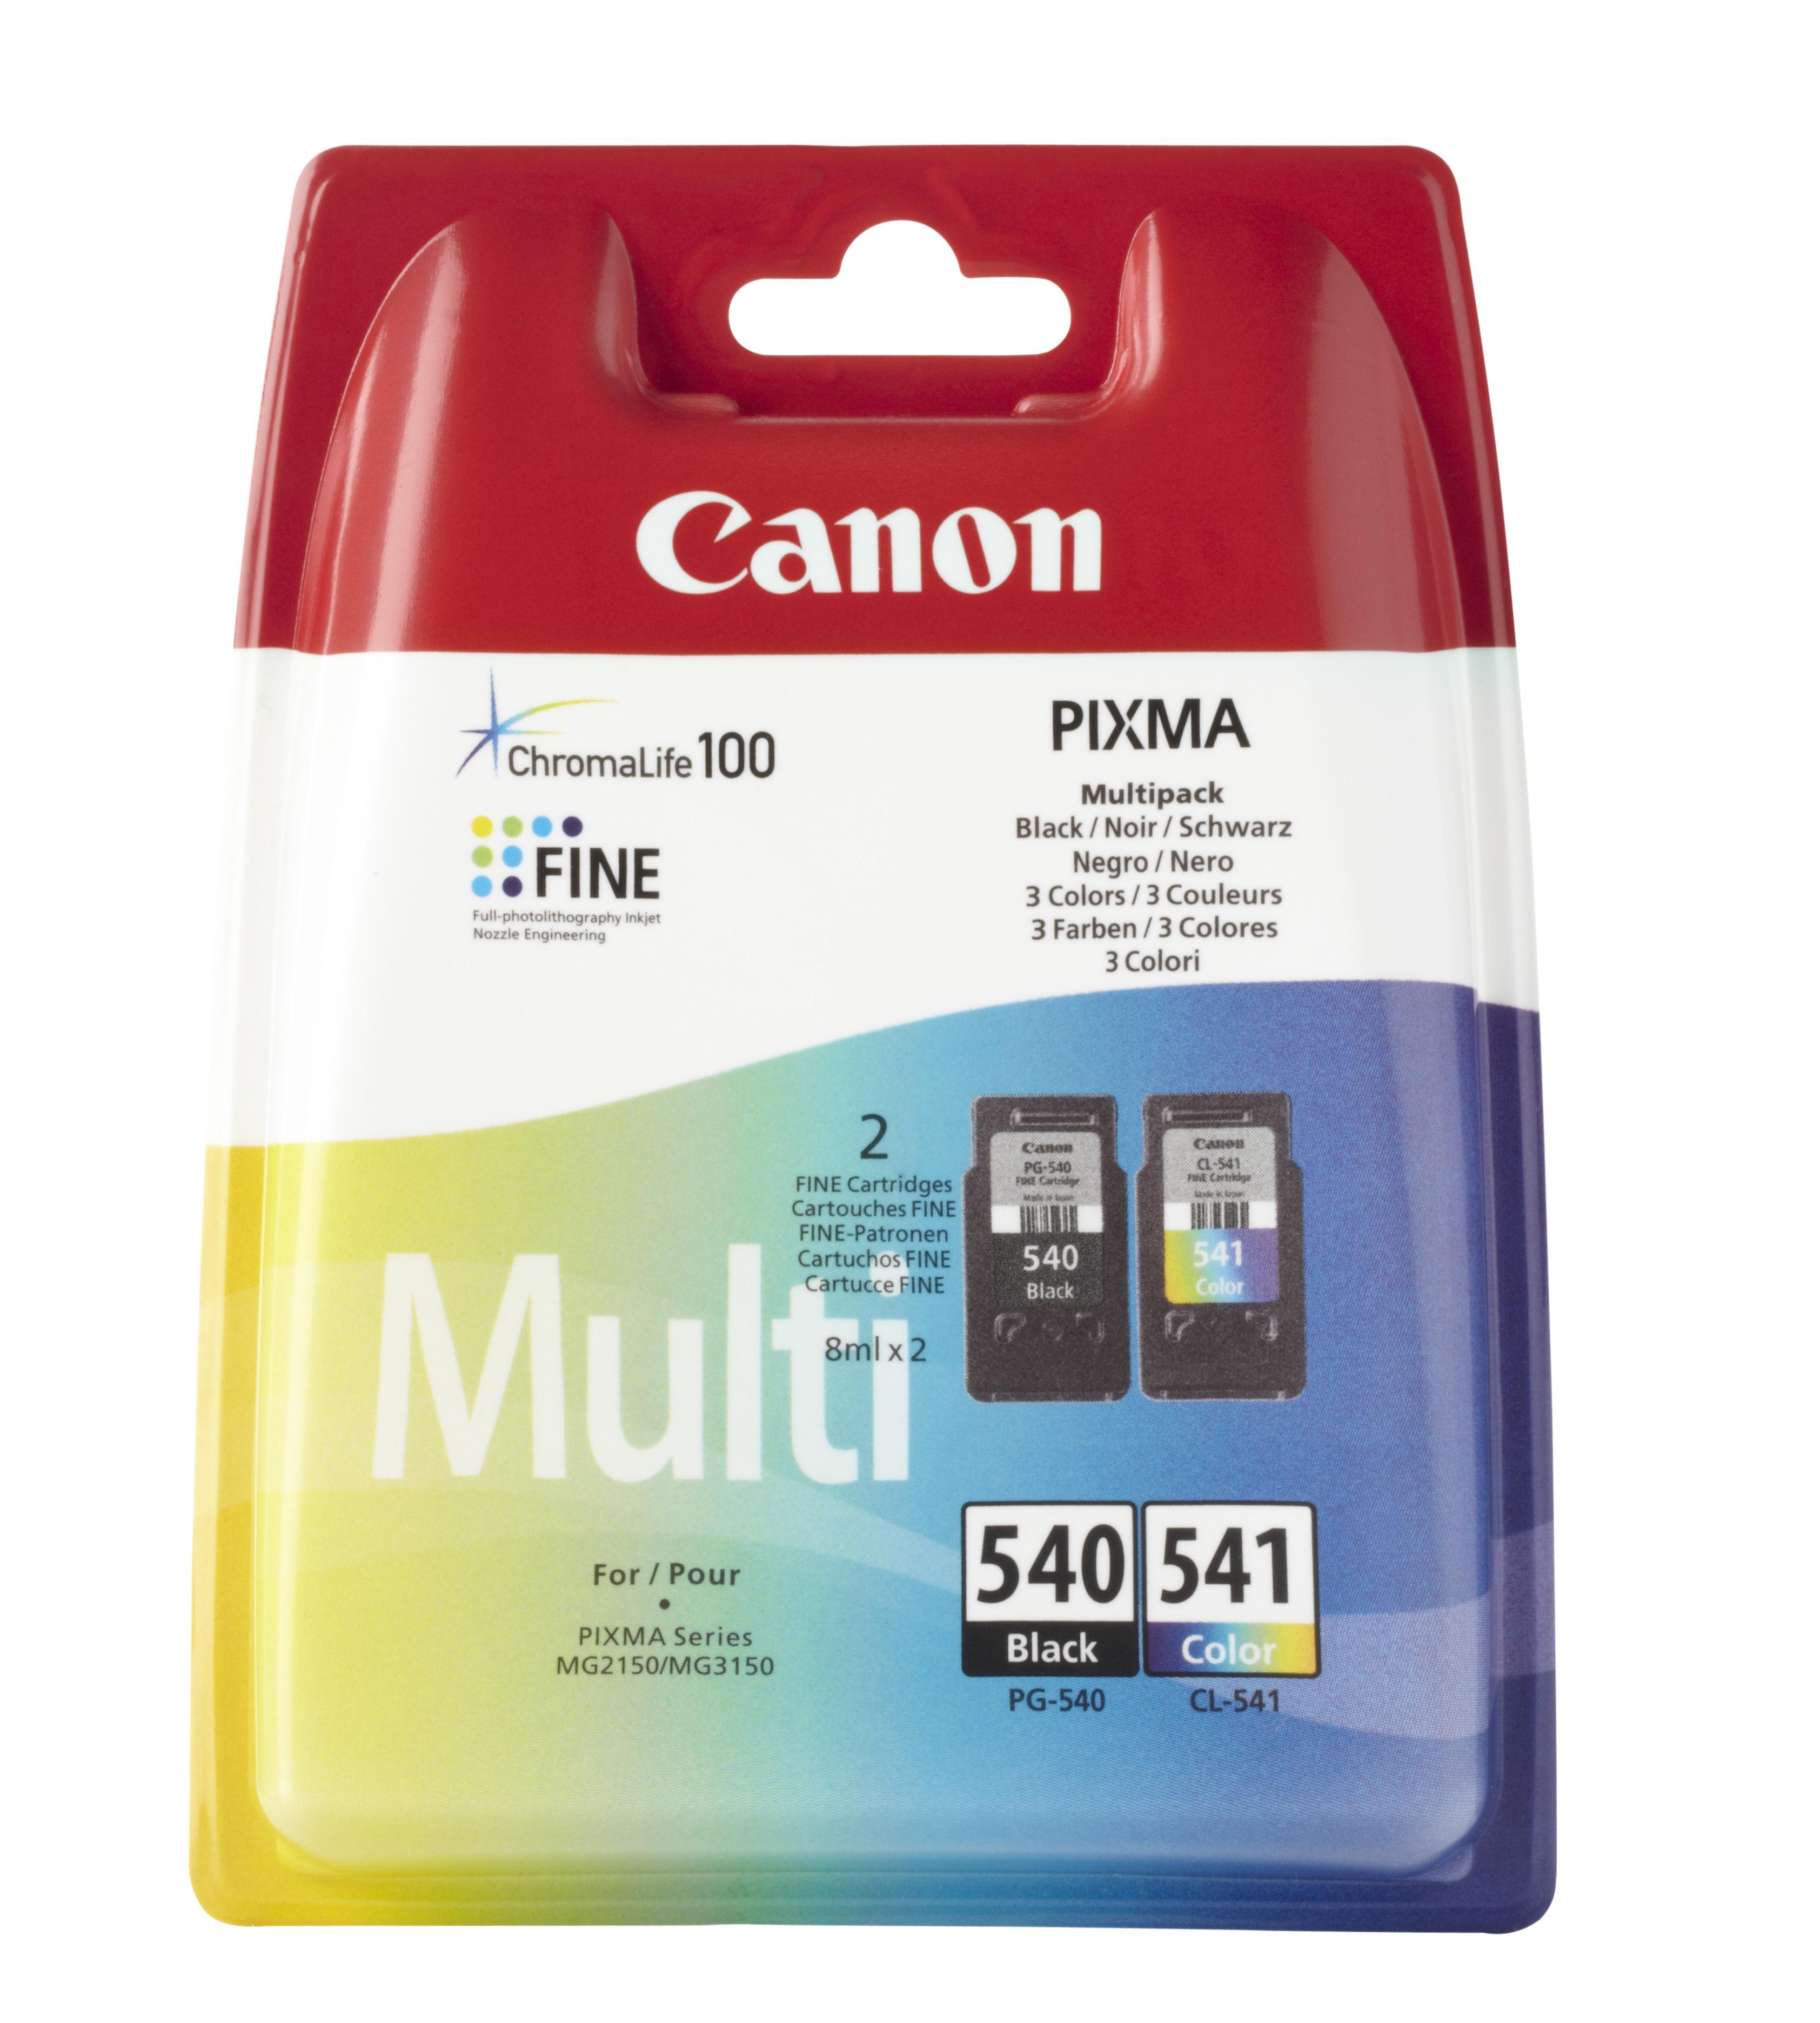 Pack 2x Tinteiros PG-540/CL-541 (Preto/Cores) - CANON